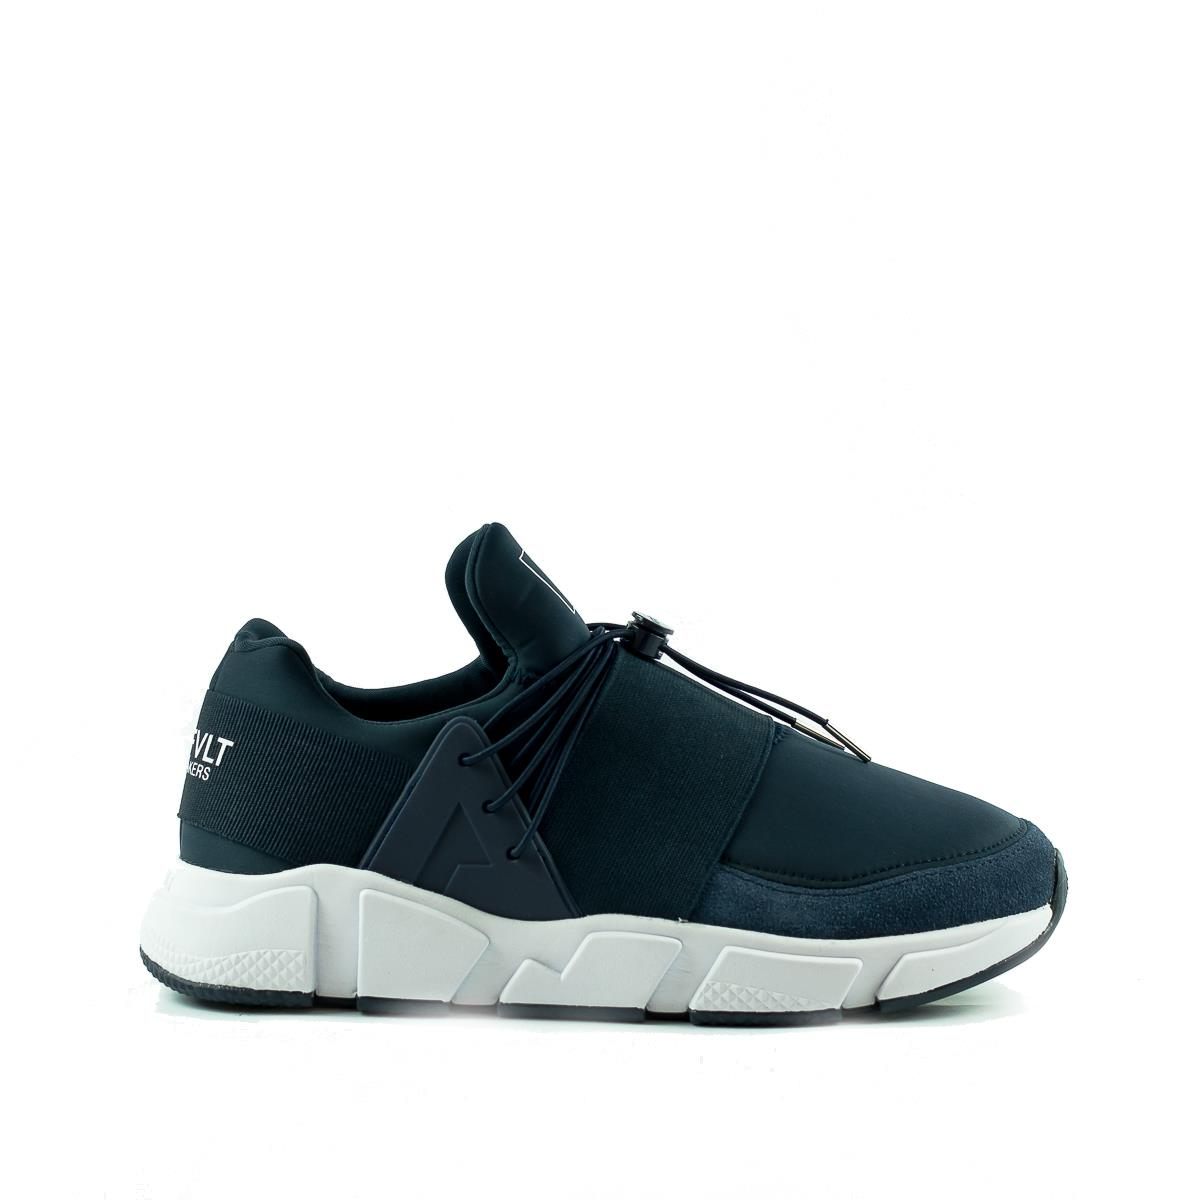 Evo Blu Mid UomoIl Area Asfvlt Sneakers Abbigliamento Sellaro VUqSMGLzp